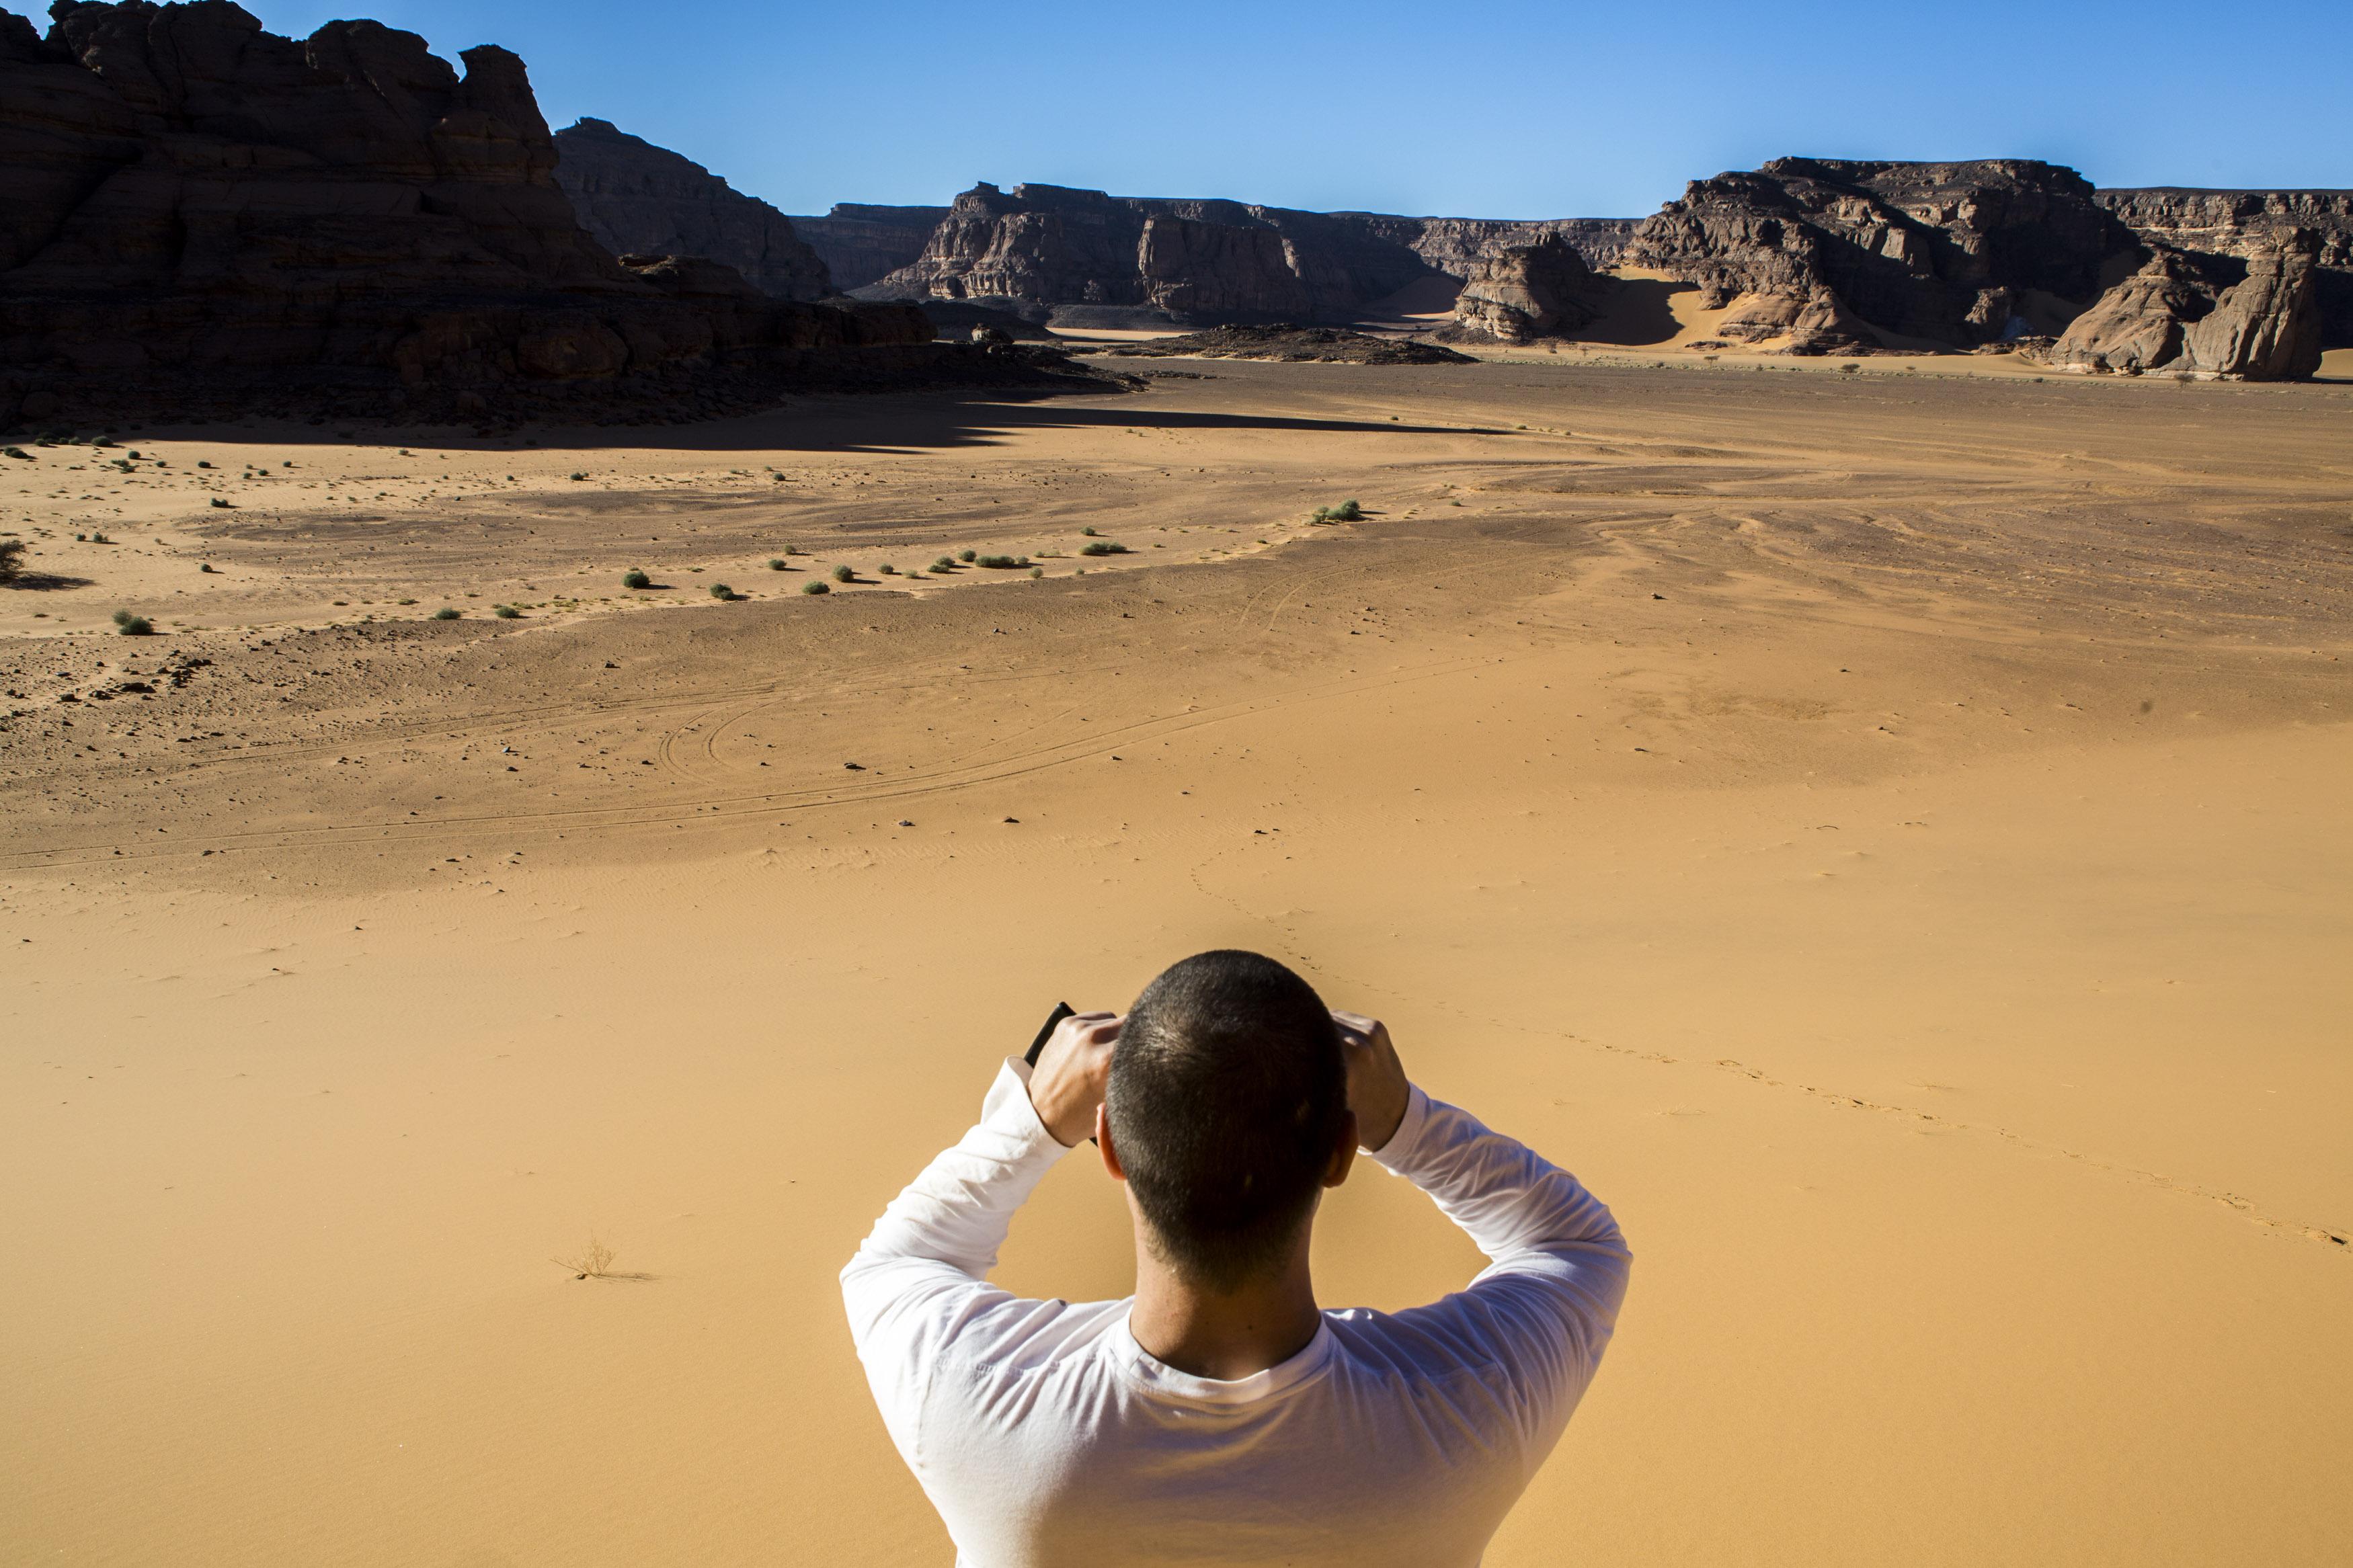 One man is looking at the landscape in the Tadrart.The Tadrart (200 km southeast of Djanet) is located in the south of the Tassili N'Ajjer National Park and is part of one of the most beautiful desert in the world but above all the central Sahara.From huge canyons to cliffs carved with rocky peaks of various shapes mix with dunes of colored sand with yellow and red reflections. The Tadrart, Algeria-February 5, 2017. Un homme de dos regarde le paysage de la Tadrart. La Tadrart (200 km au sud-est de Djanet) se situe dans le sud du Parc National du Tassili N'Ajjer et il fait partie d'un des plus beau désert au monde mais avant tout du Sahara central. D'immenses canyons aux falaises sculptées avec de pitons rocheux aux formes les plus diverses  se mélangent avec des dunes de sable coloré aux reflets jaune et rouge. La Tadrart,, Algérie-5 février 2017.